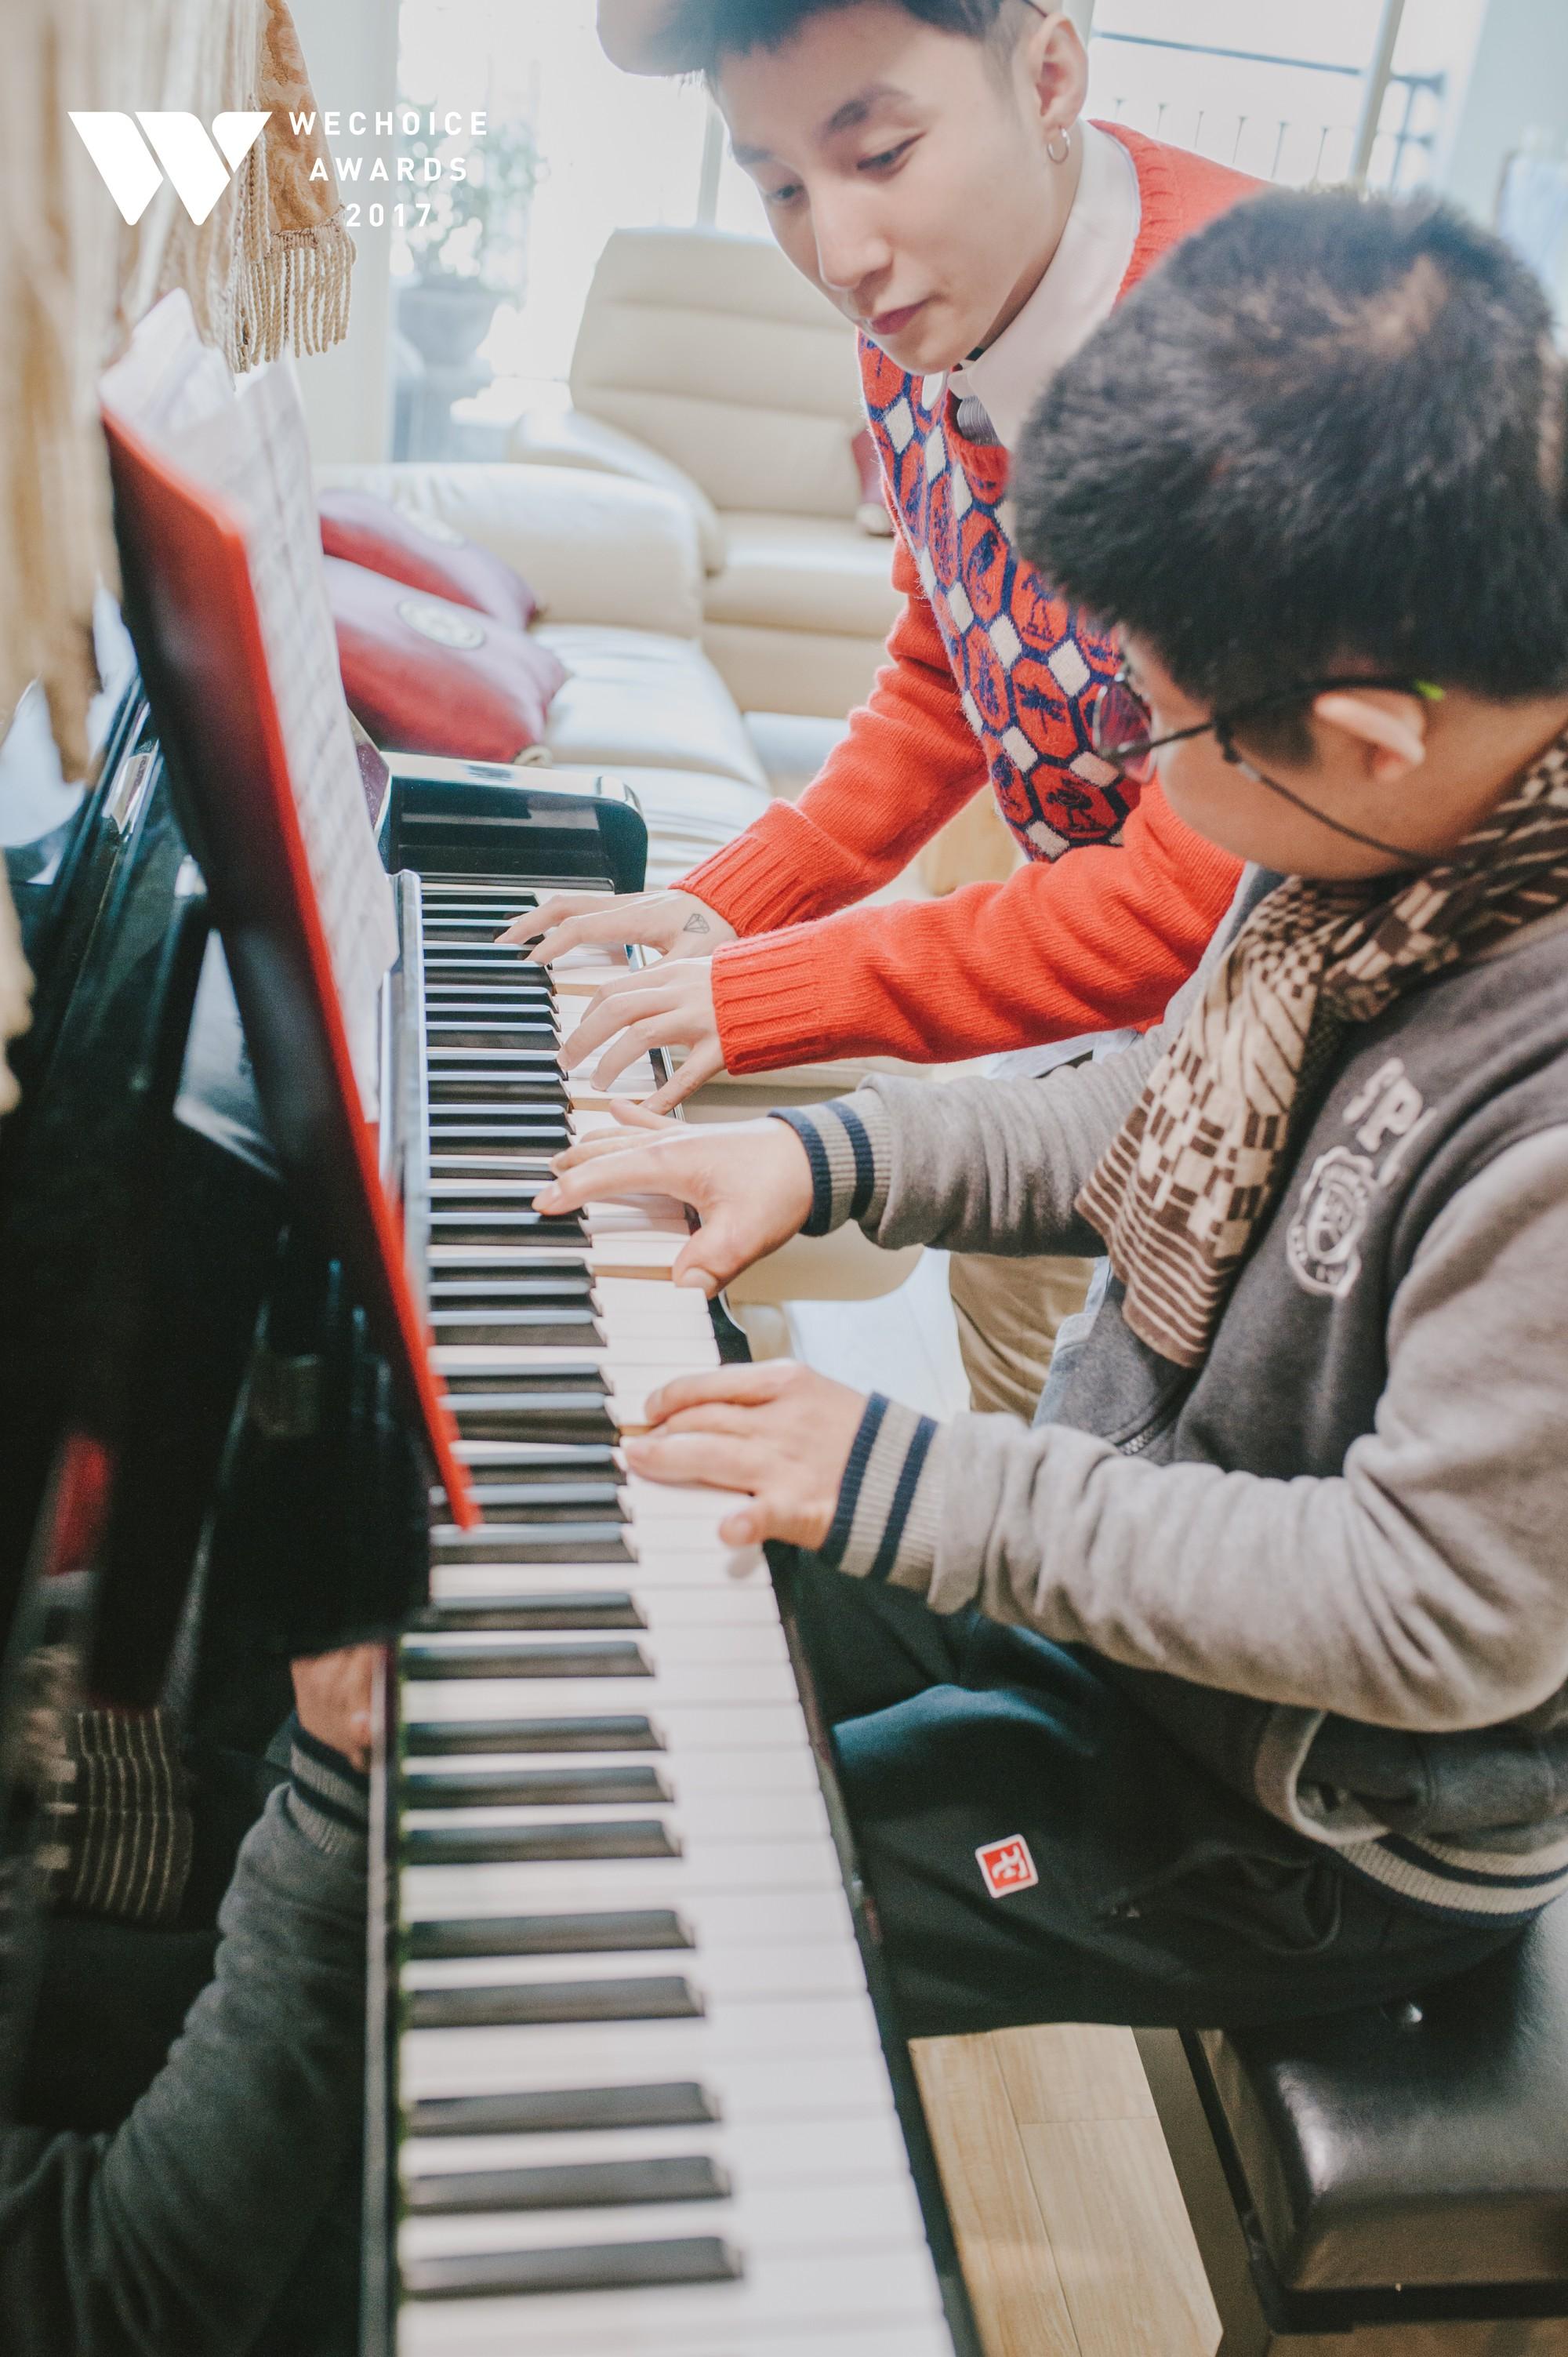 Khoảnh khắc đẹp: Sơn Tùng và bé Bôm hoà chung đam mê qua tiếng đàn, tập luyện cho sân khấu đặc biệt Gala WeChoice Awards 2017 - Ảnh 21.